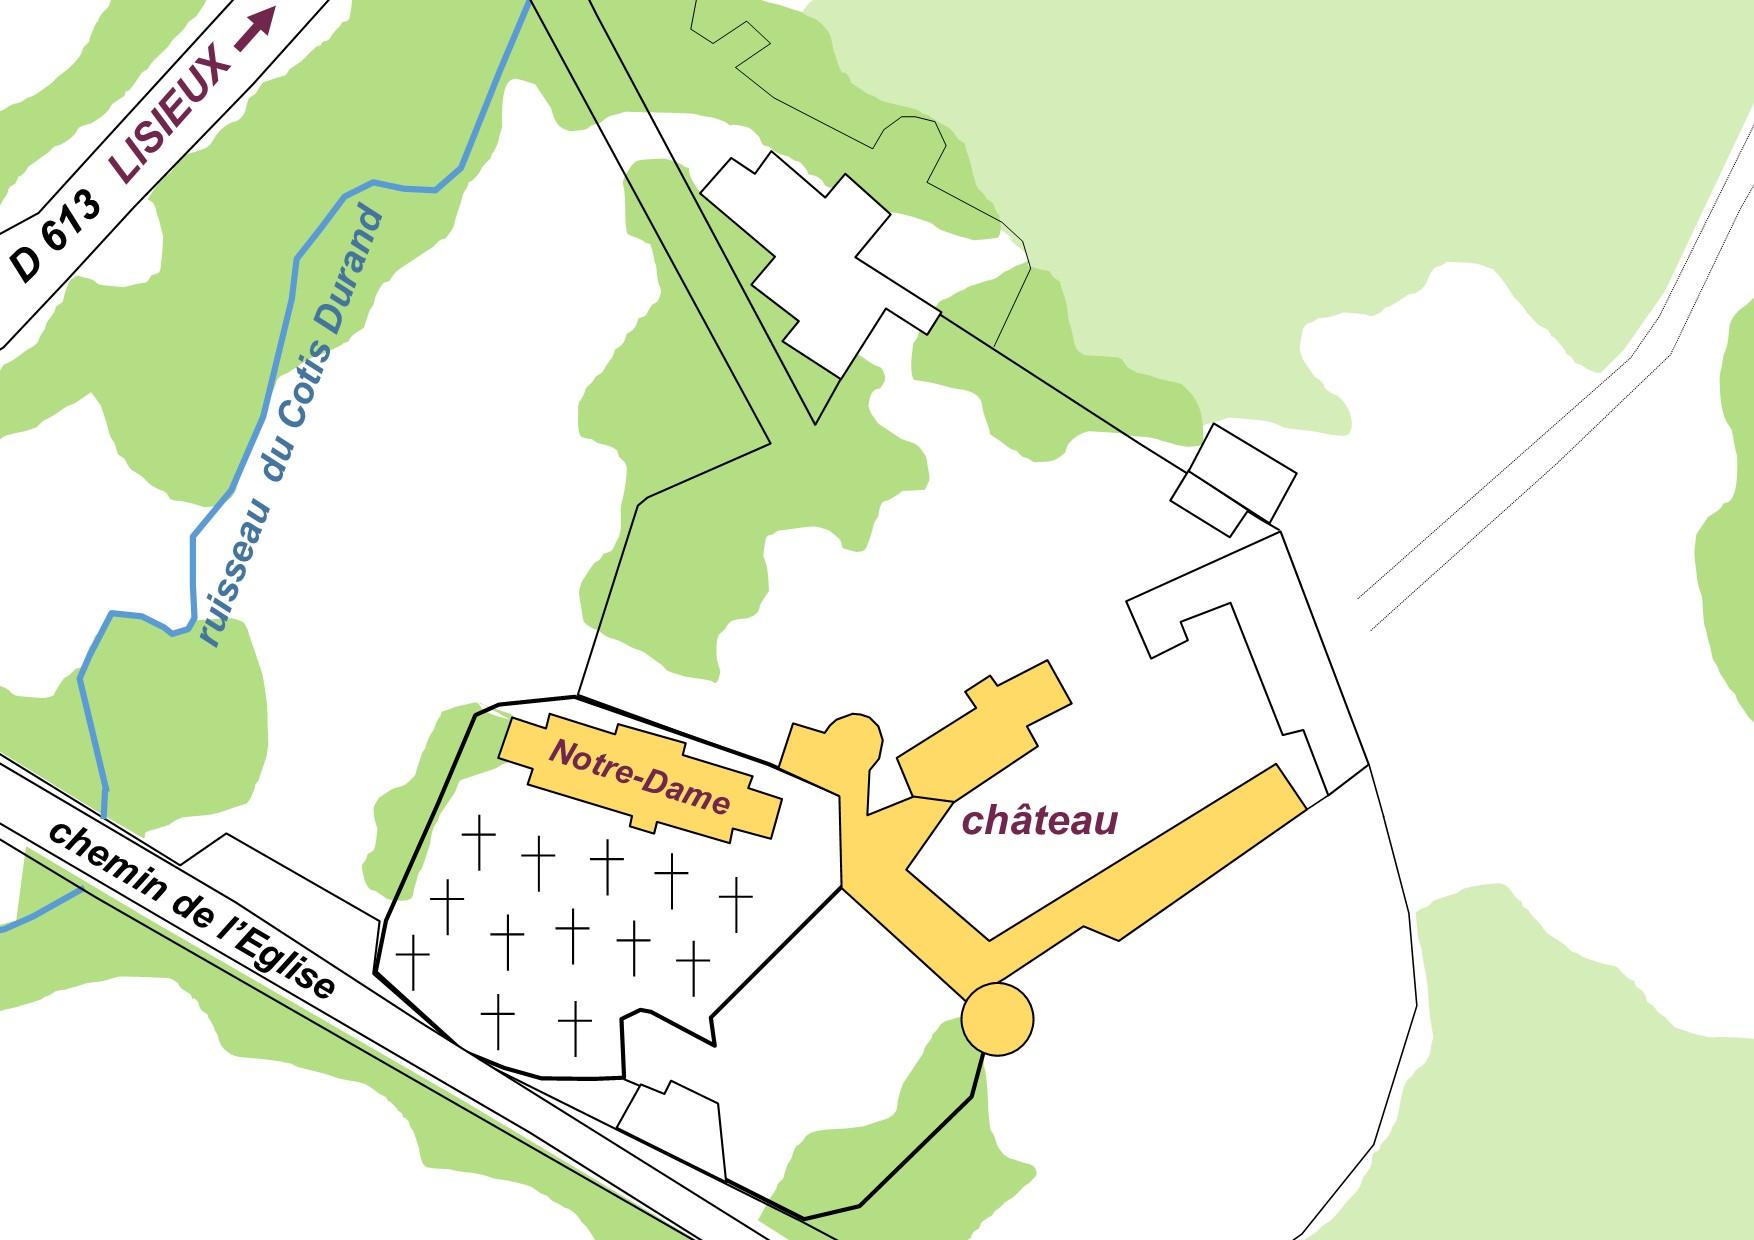 Plan De Situation Du Chateau La Houblonniere Blason Famille Tournebu A Laquelle Le Aurait Appartenu Par Apn